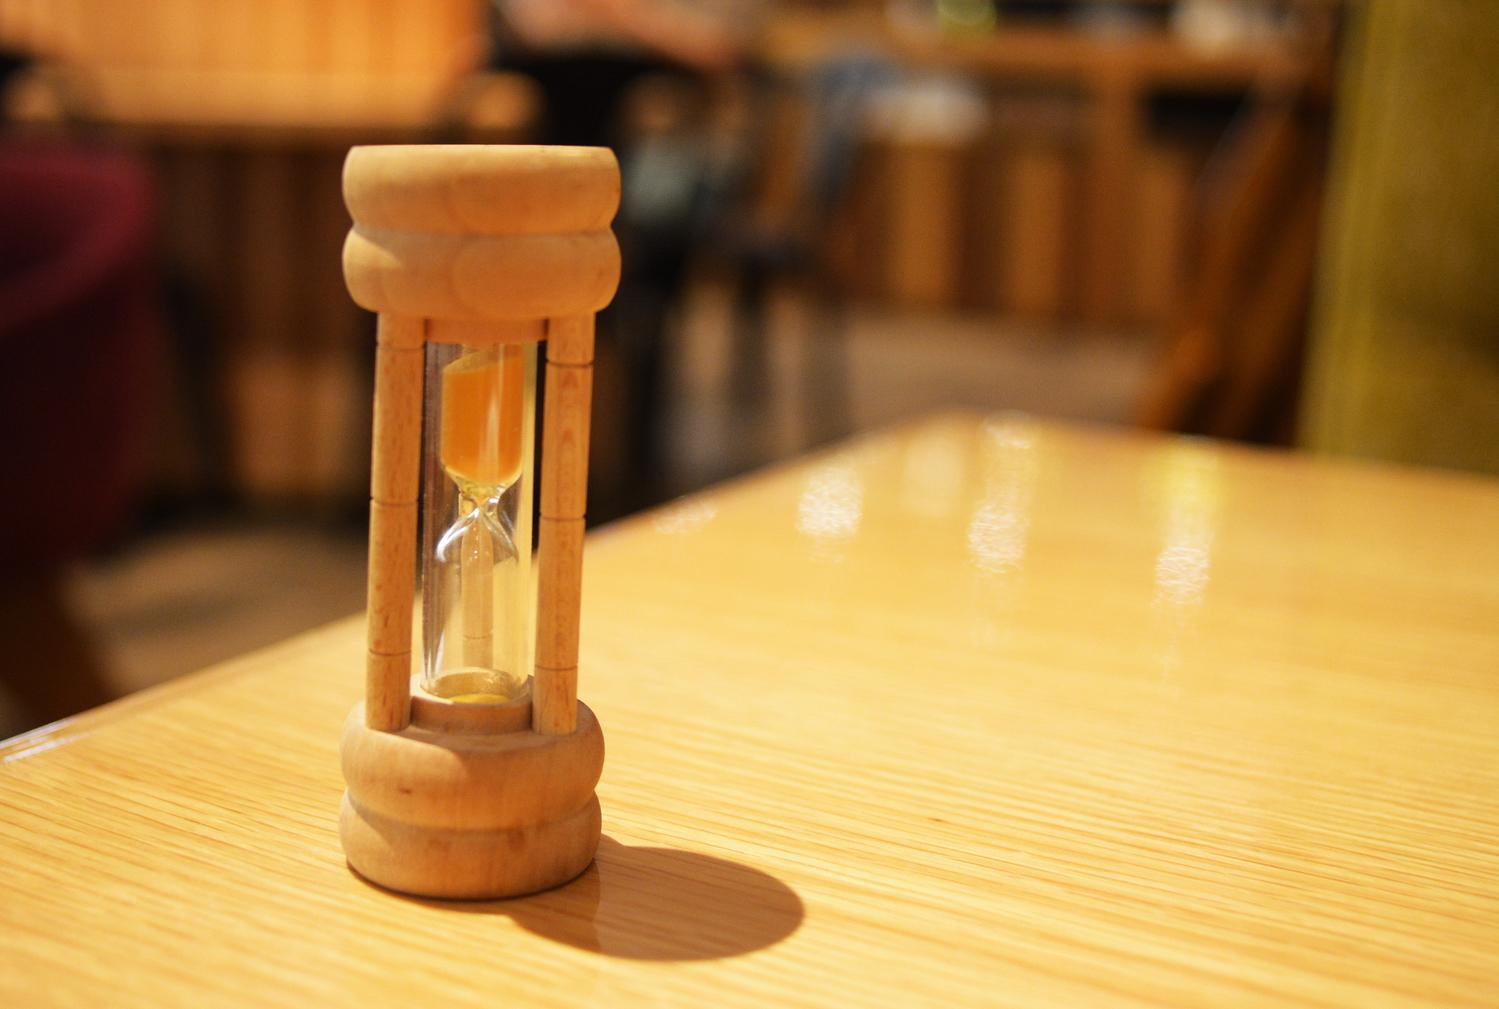 砂時計のような限りある時間を意識して